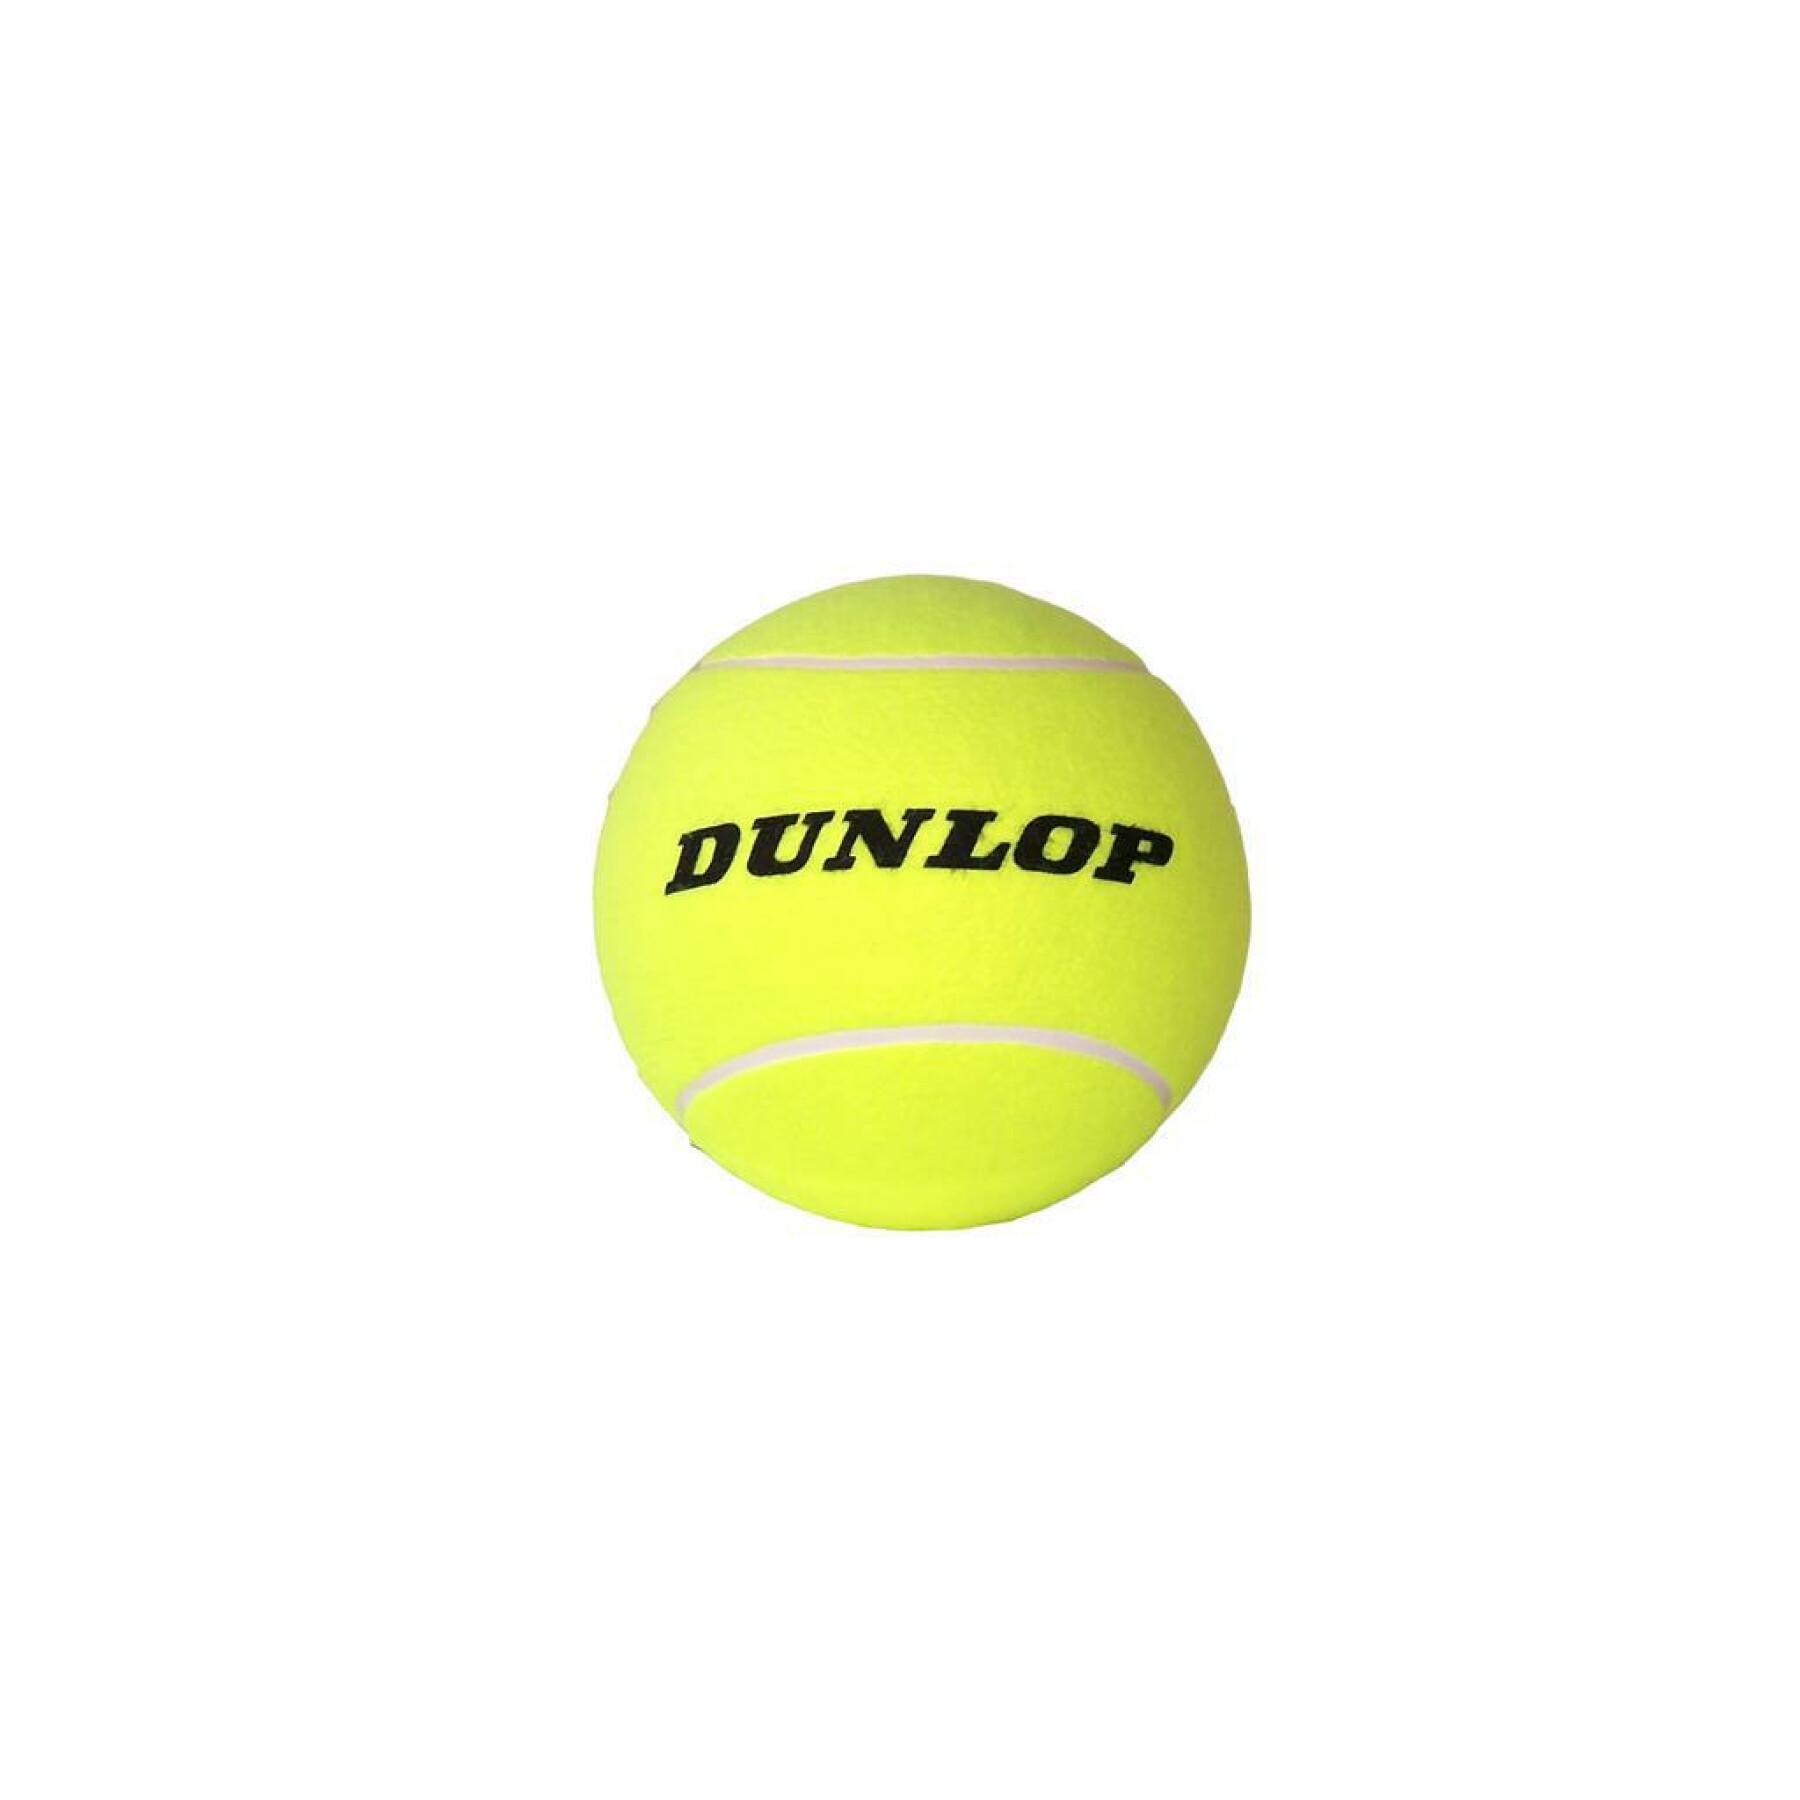 Giant tennis ball Dunlop